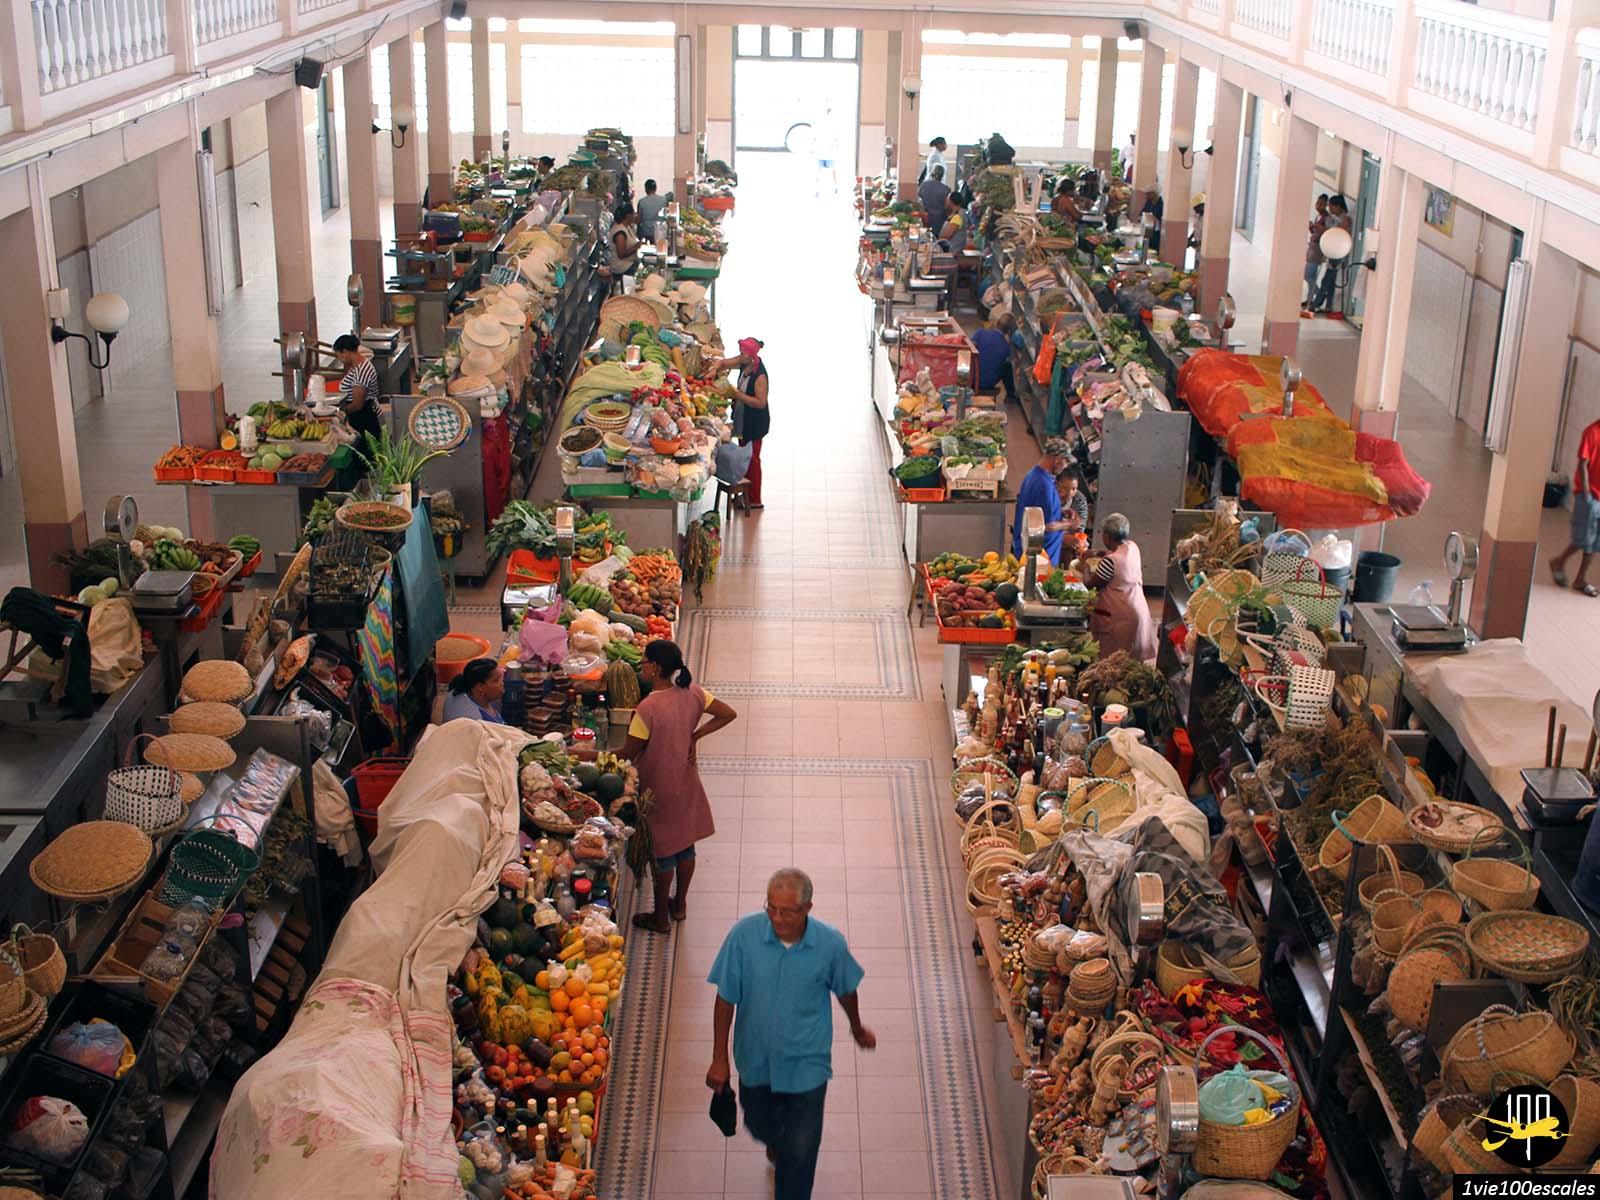 Le petit marché couvert de Mindelo sur l'île de Sao Vicente